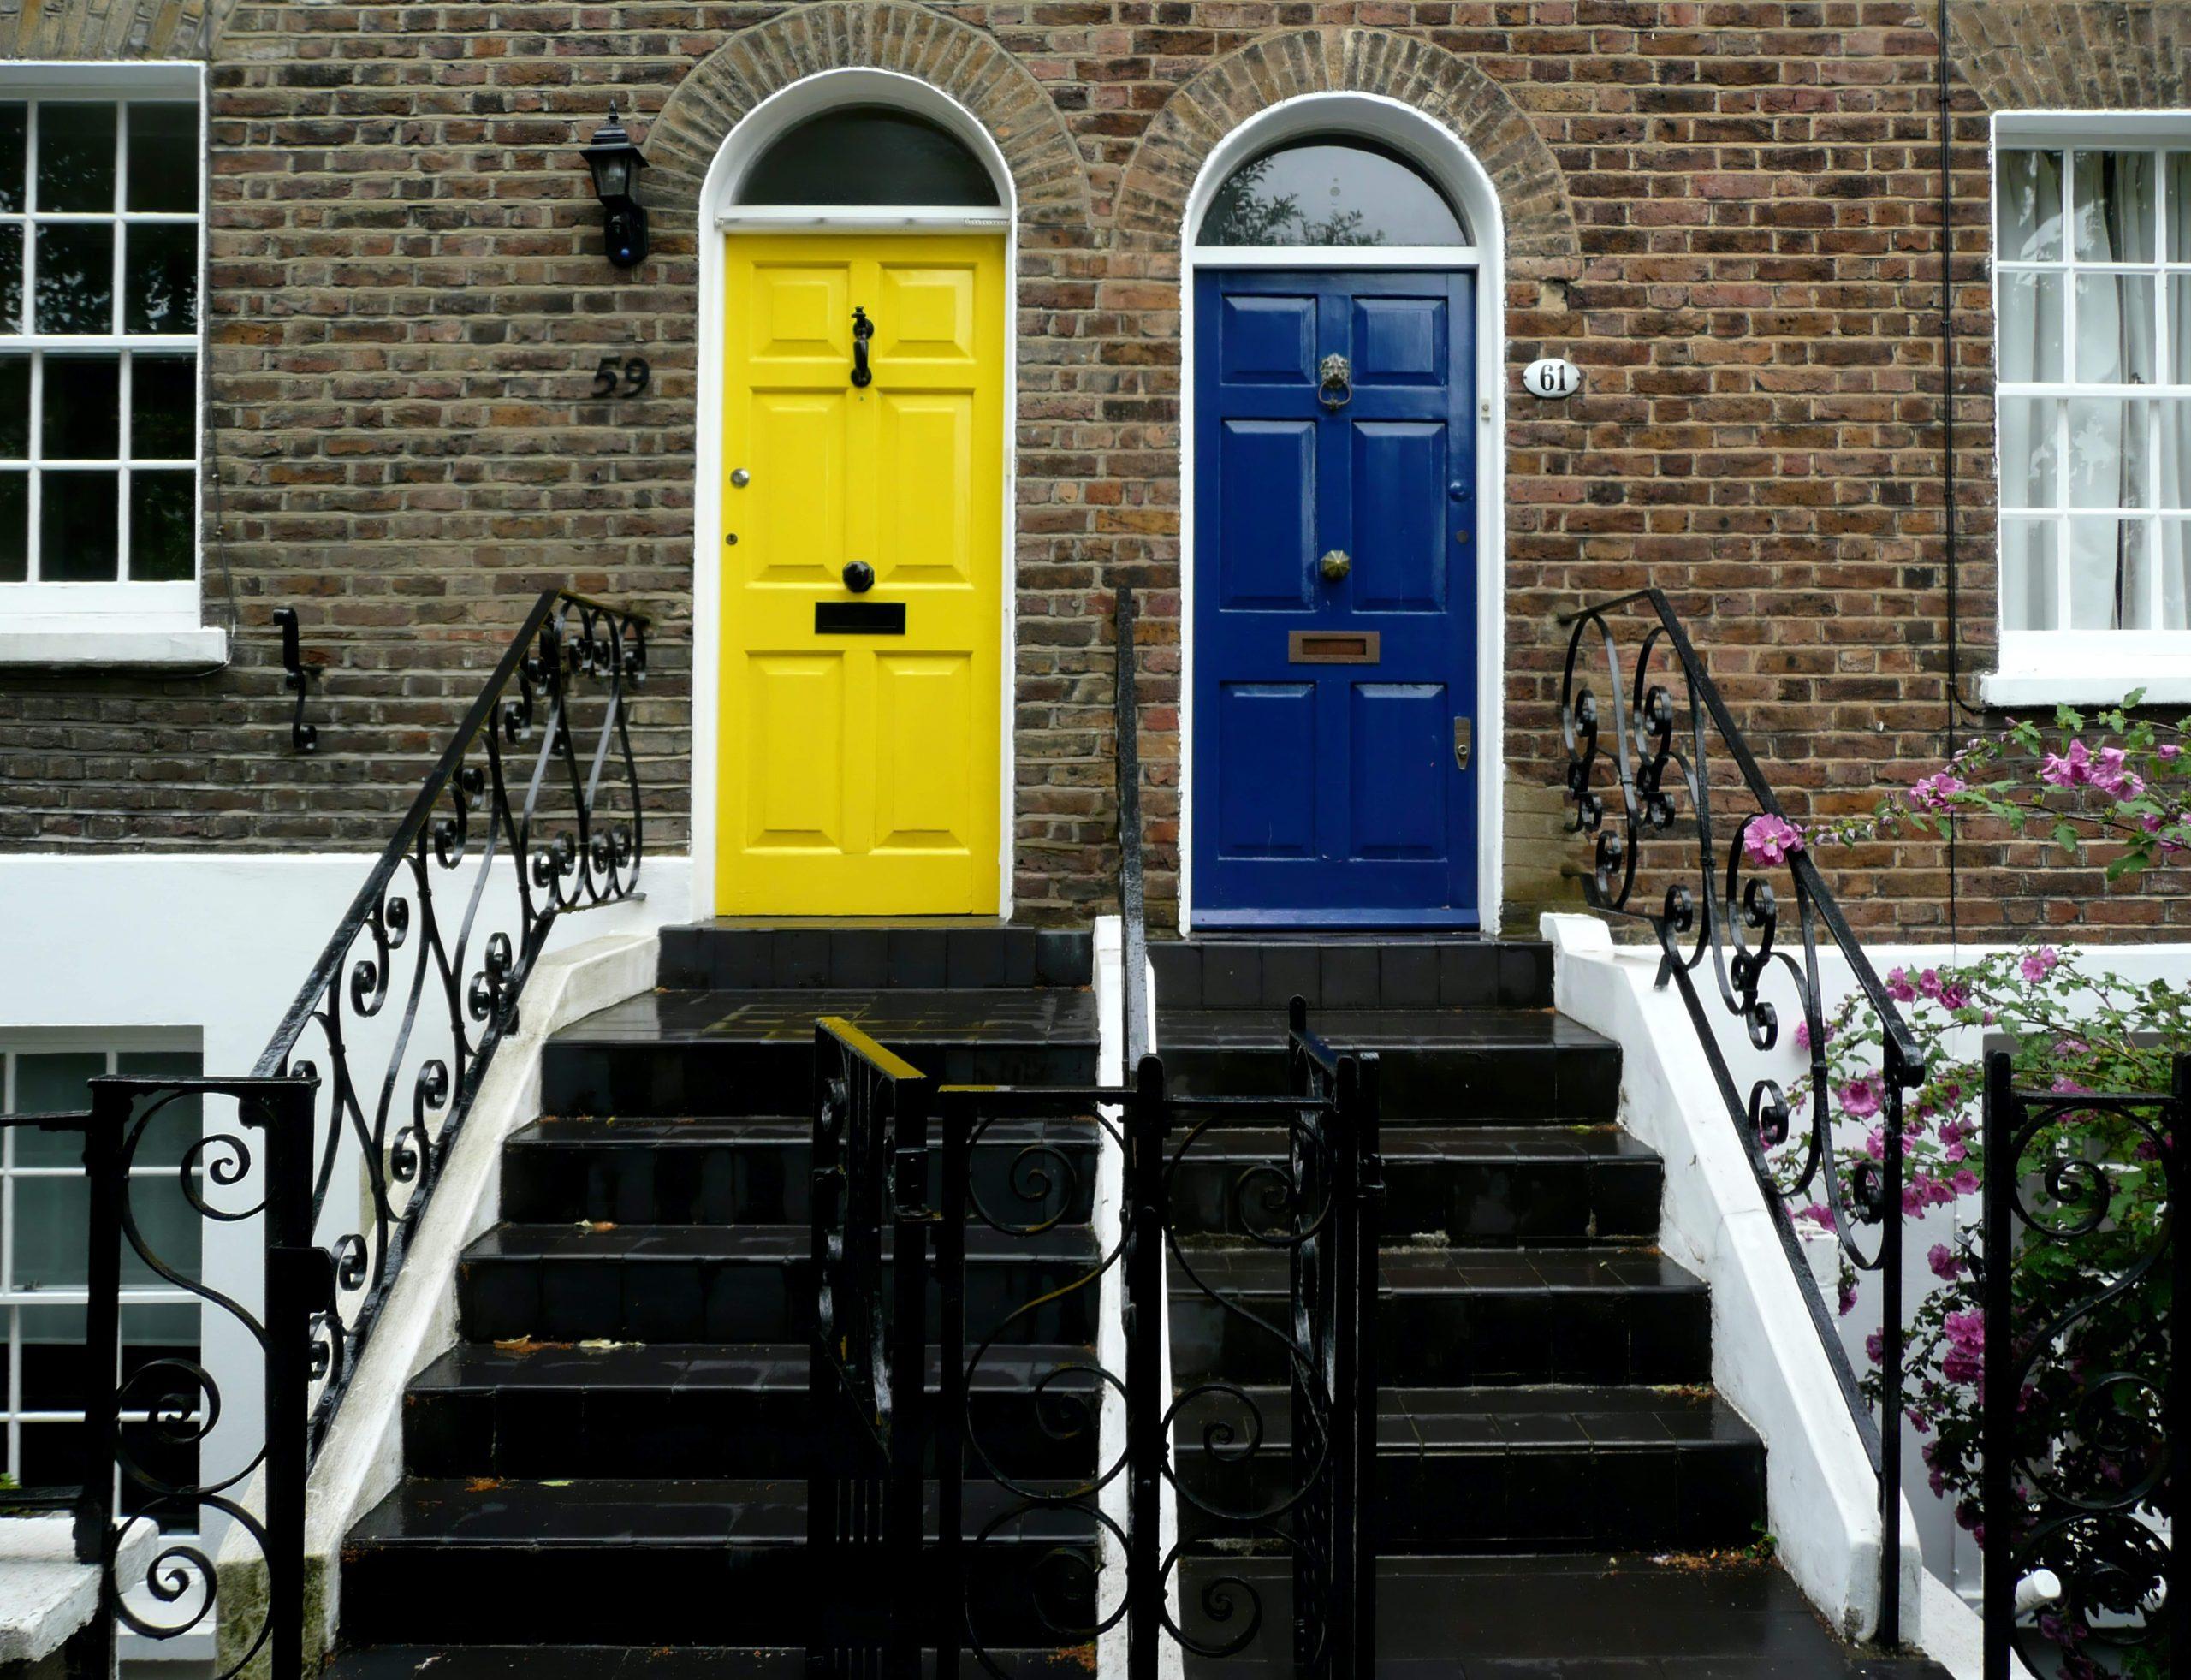 Latest Front Door Design Trends for 2021